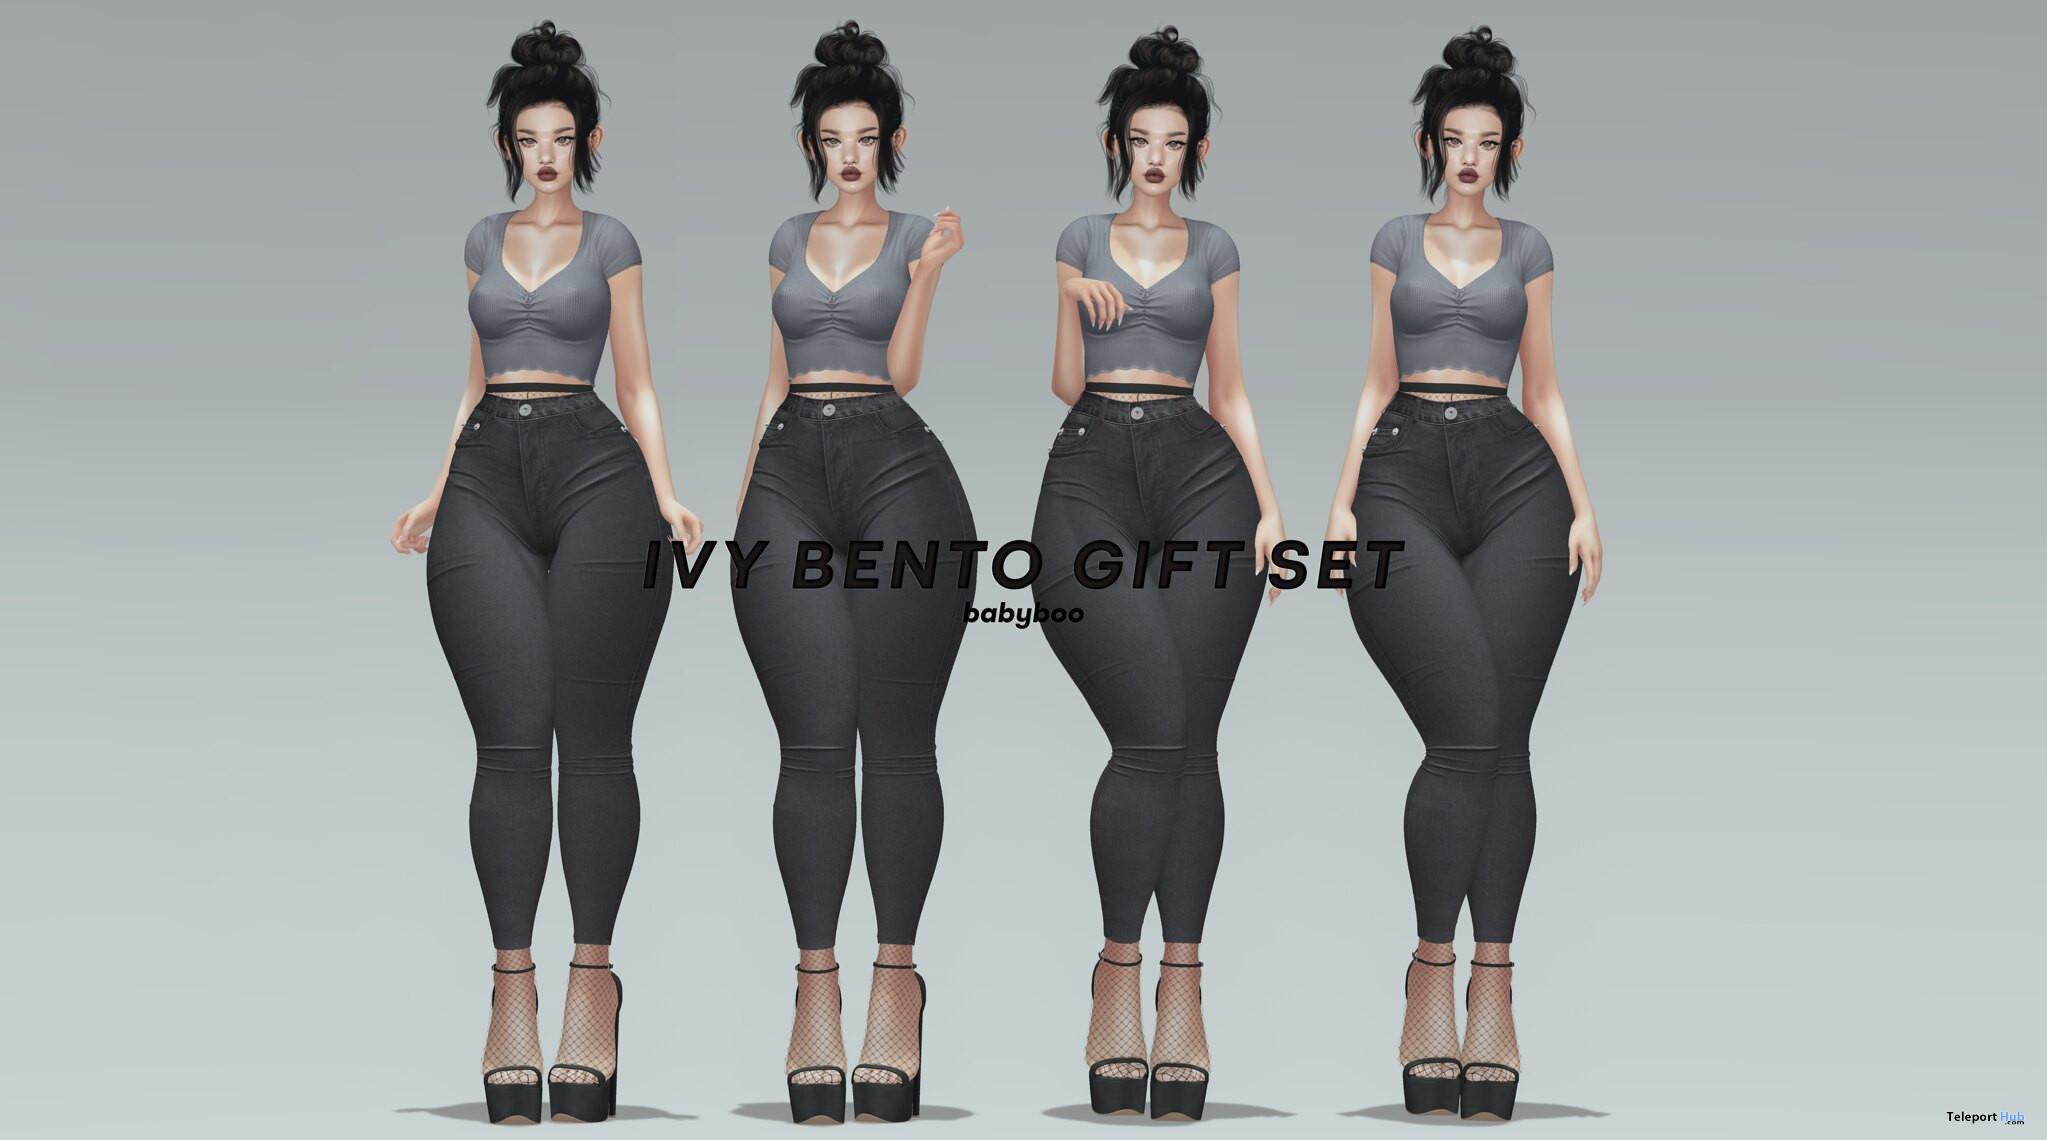 Ivy Bento Pose Set May 2021 Group Gift by Babyboo - Teleport Hub - teleporthub.com